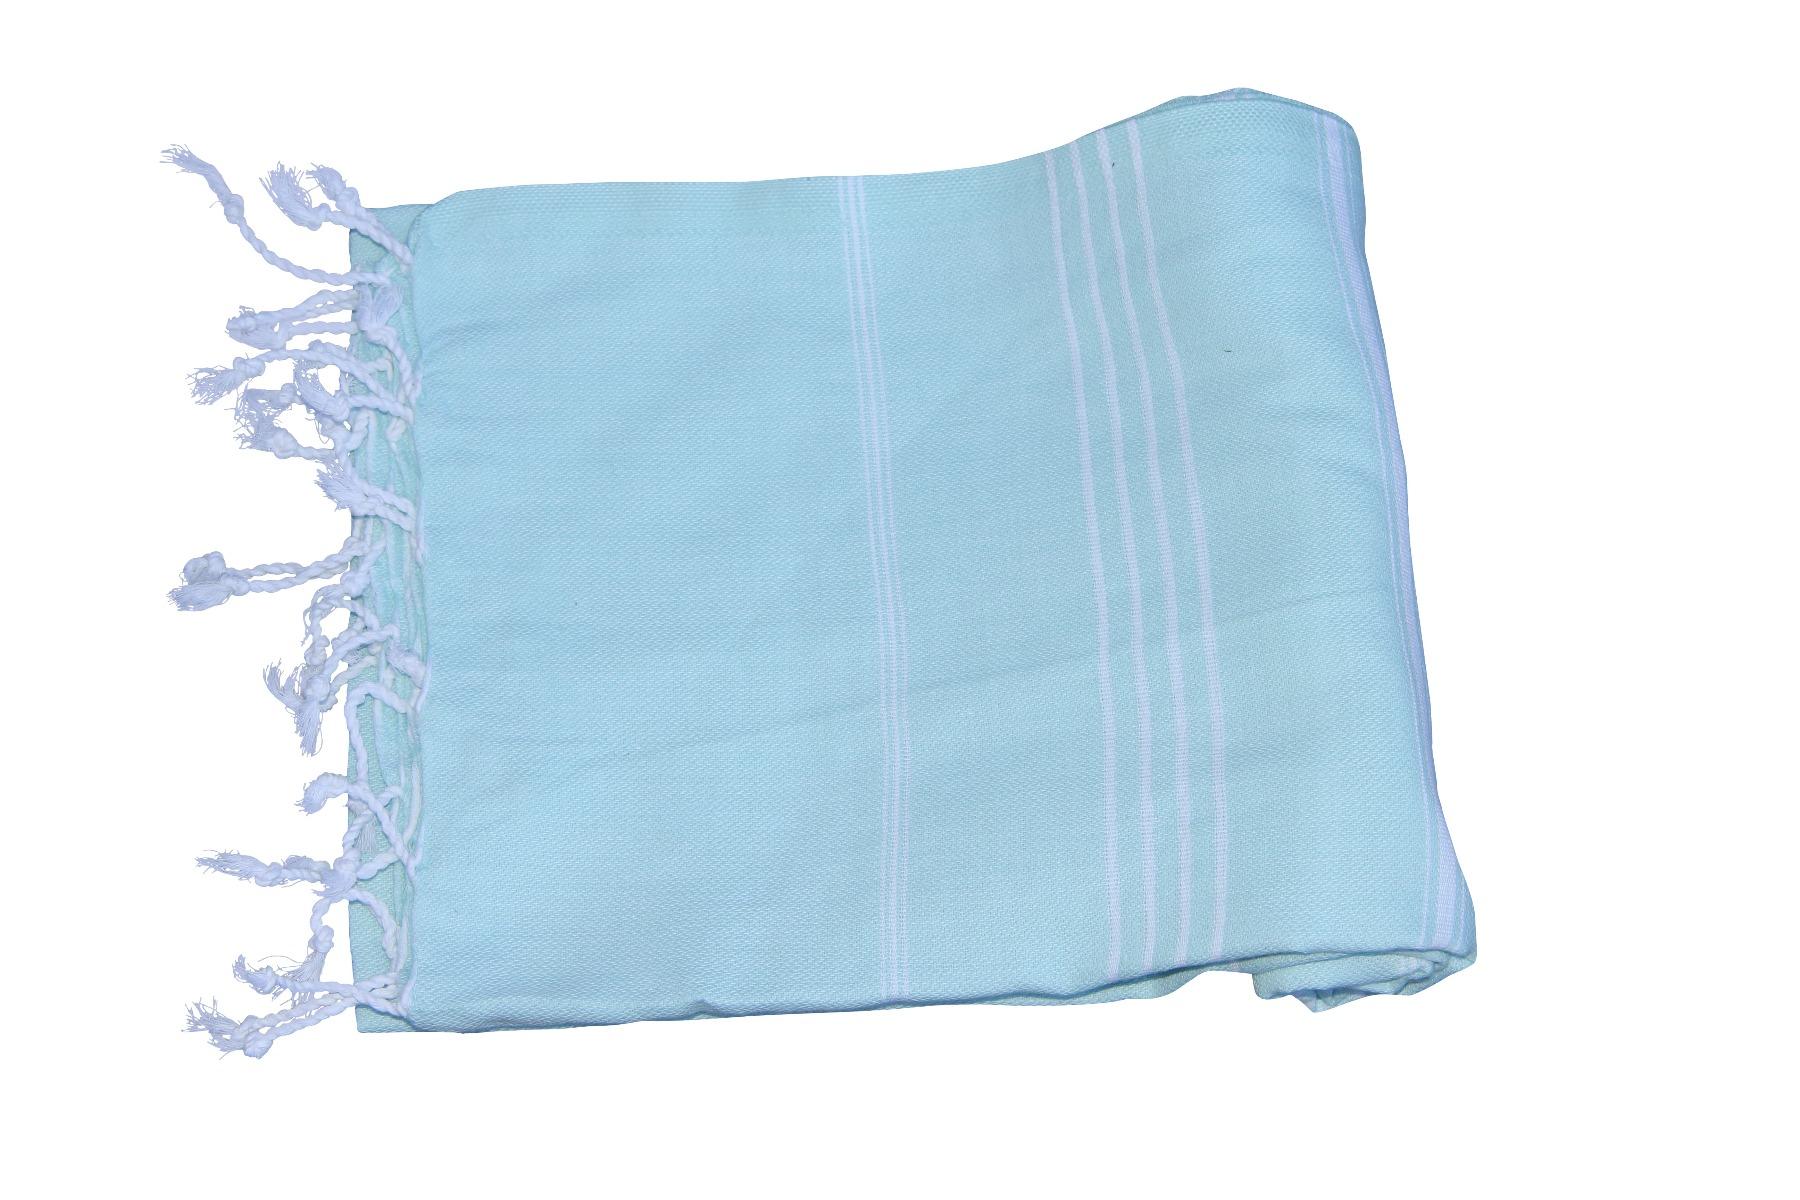 Afbeelding van Hamamdoek, licht turquoise 100% katoen 100cm x 180cm 100% geweven katoenen handdoek.